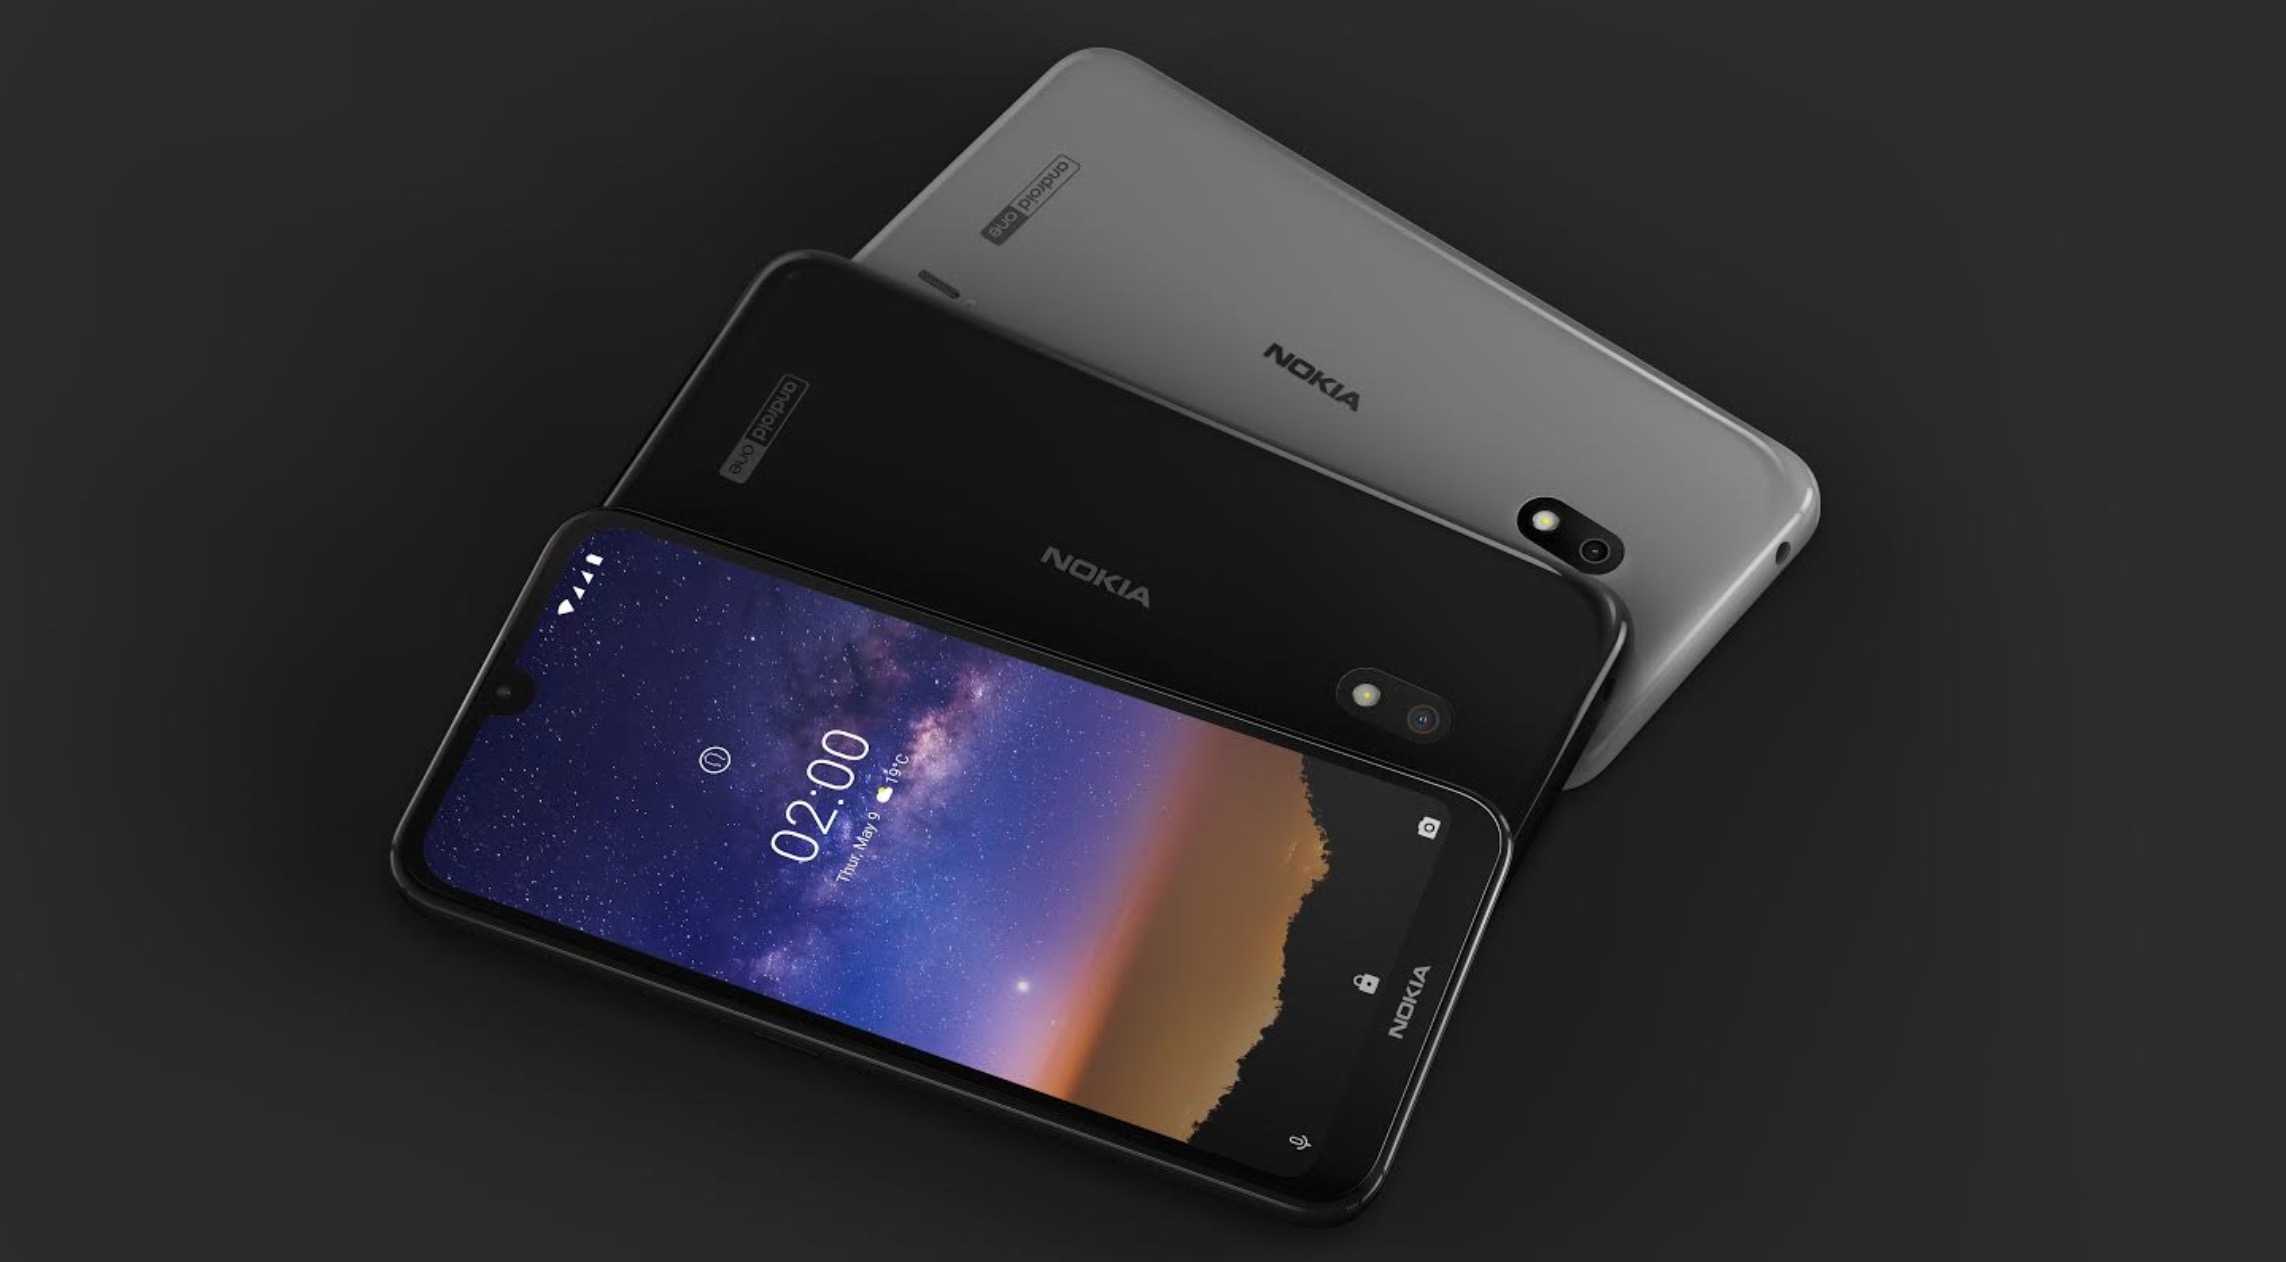 HMD Global mở bán Nokia 2.2 tại Việt Nam với mức giá 2,290,000 VNĐ